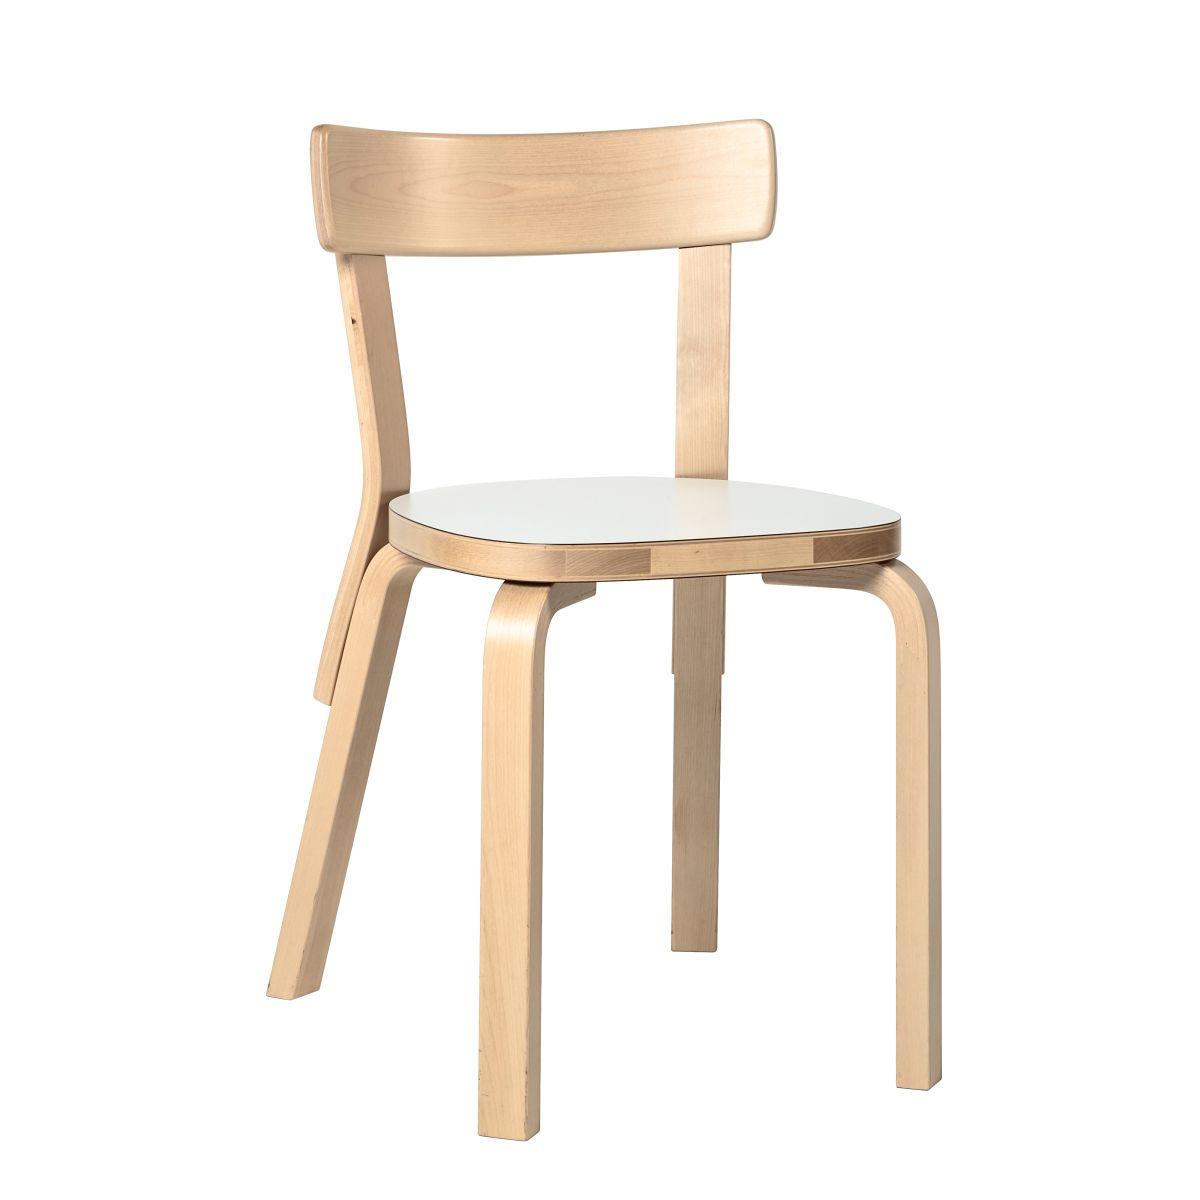 Chair 69 white laminate